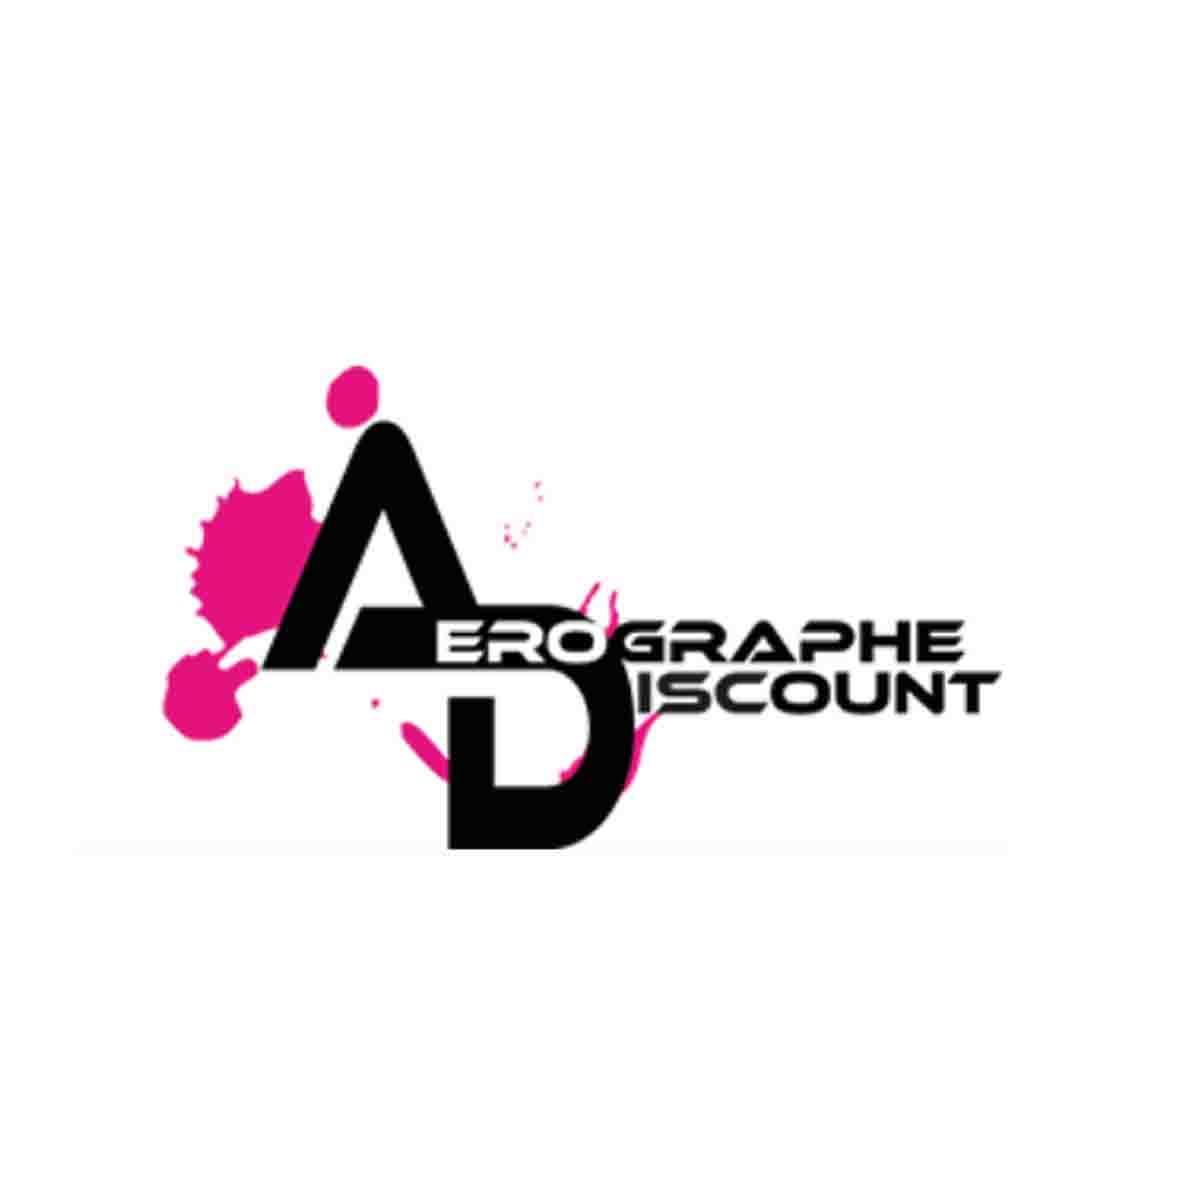 Logo aerographe discount partenariat fournisseur officiel frederic michel langlet